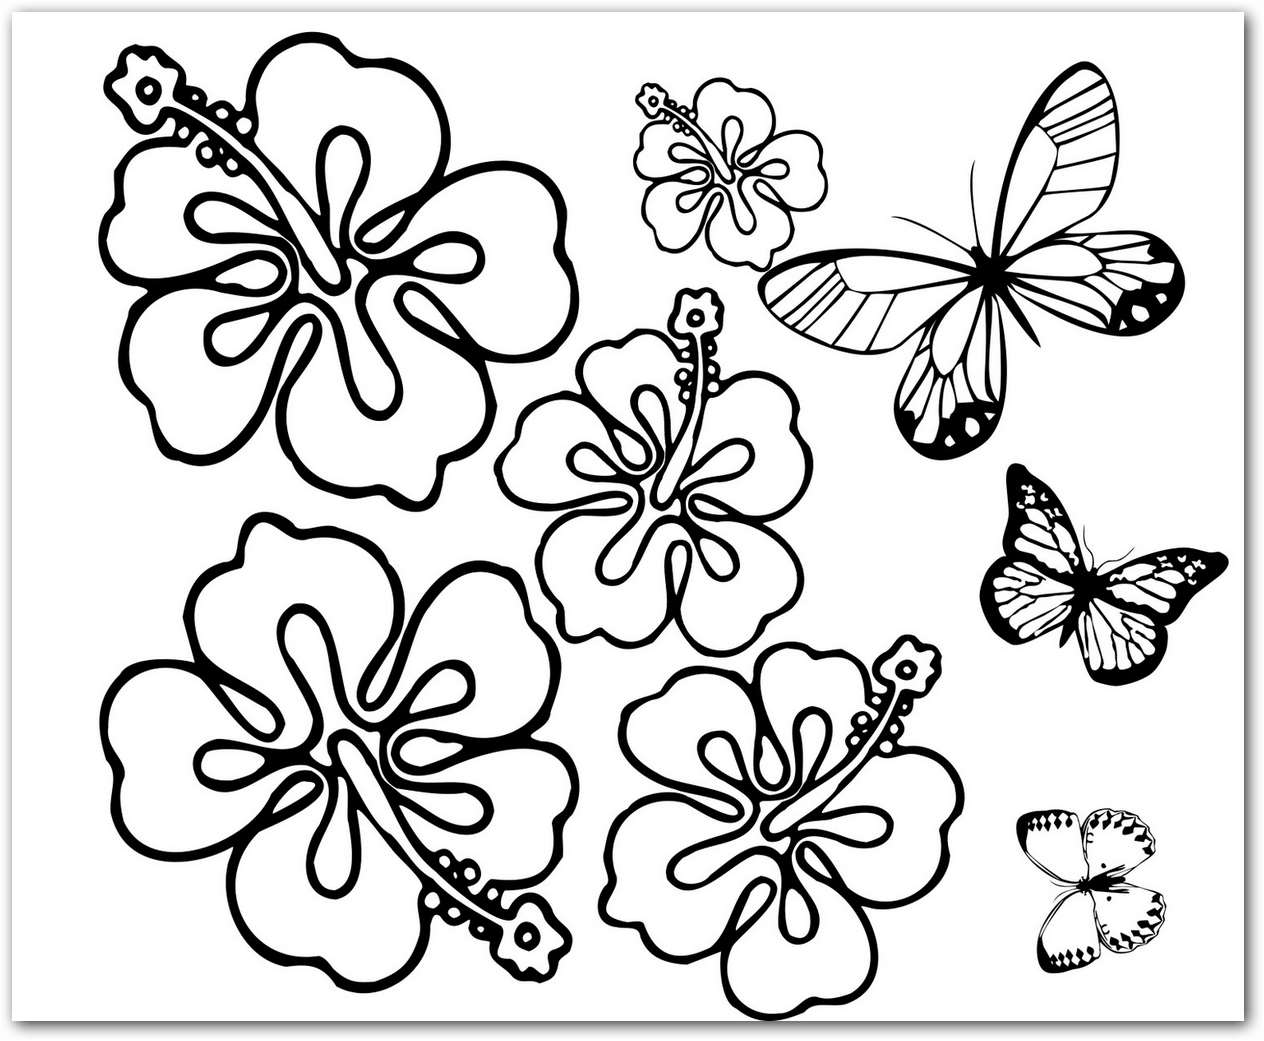 Dibujos Para Colorear De Flora: Imagenes De Flores Para Colorear